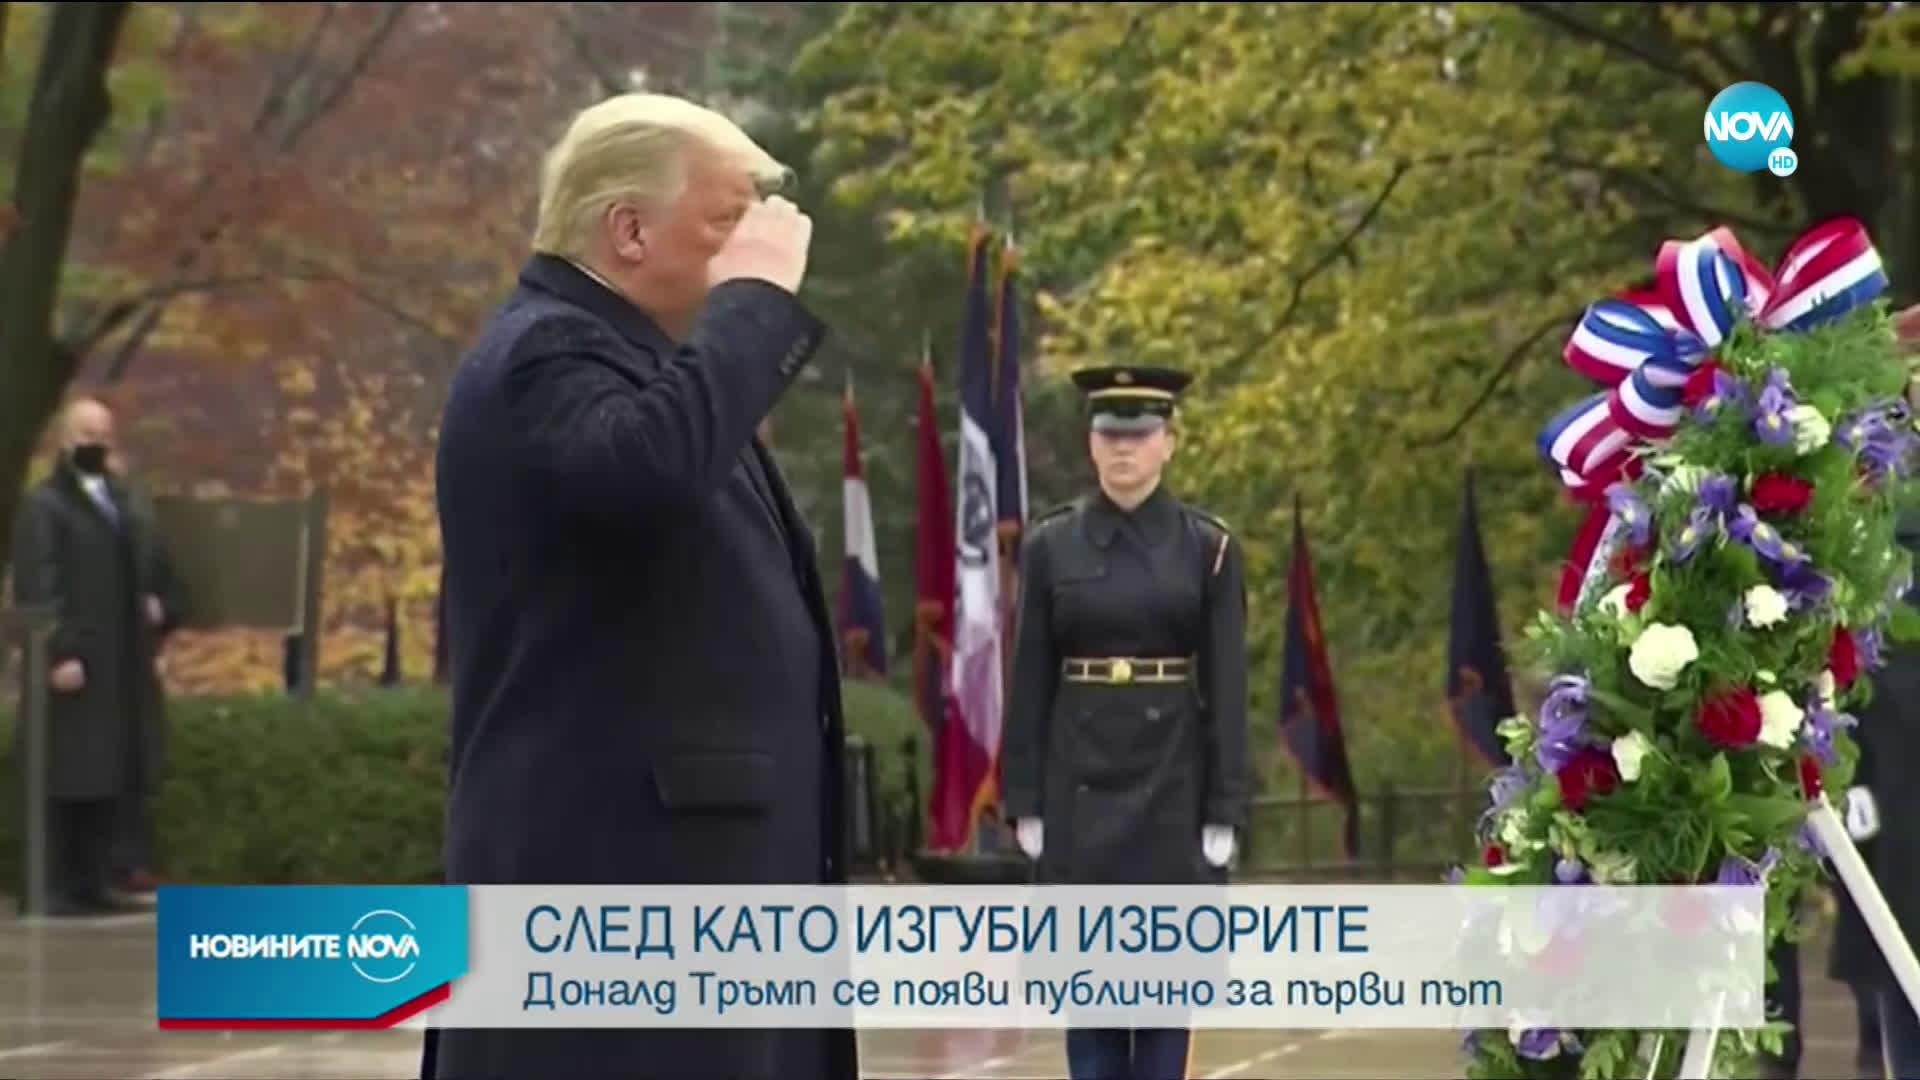 Тръмп с първа публична изява след изборите